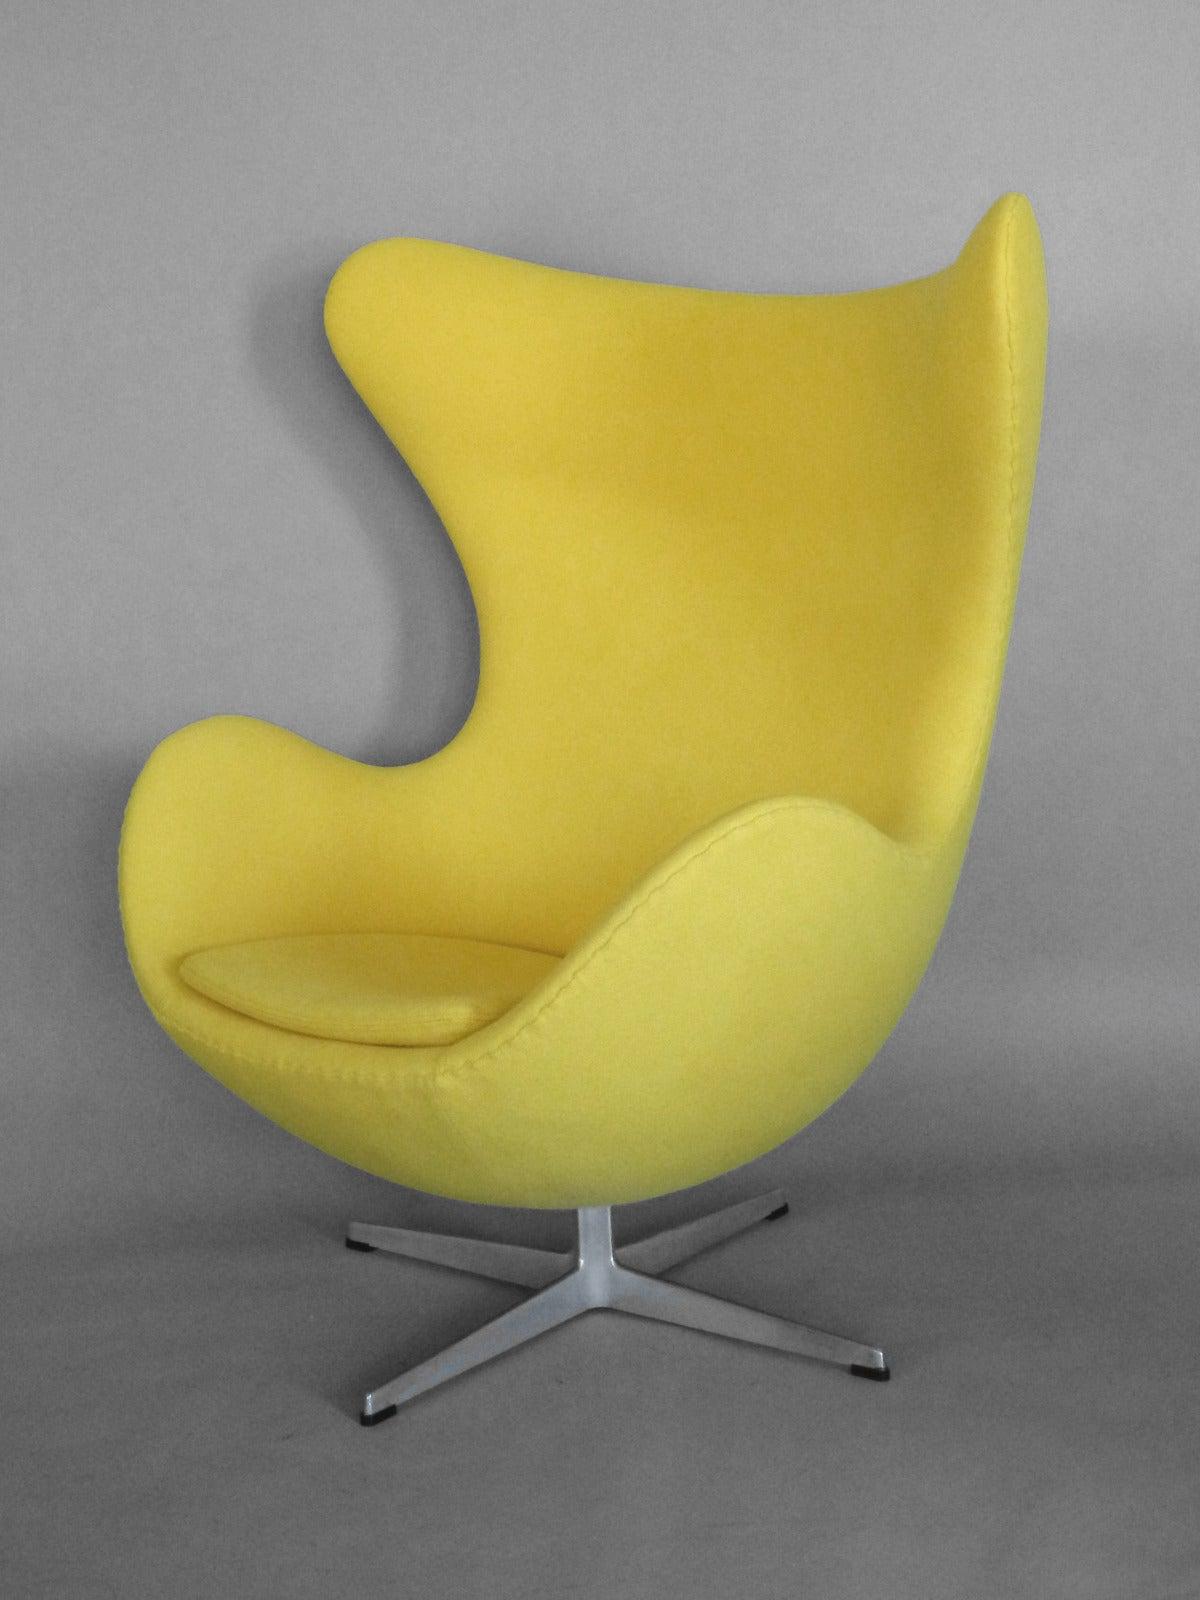 properly restored arne jacobsen egg chair for sale at 1stdibs. Black Bedroom Furniture Sets. Home Design Ideas